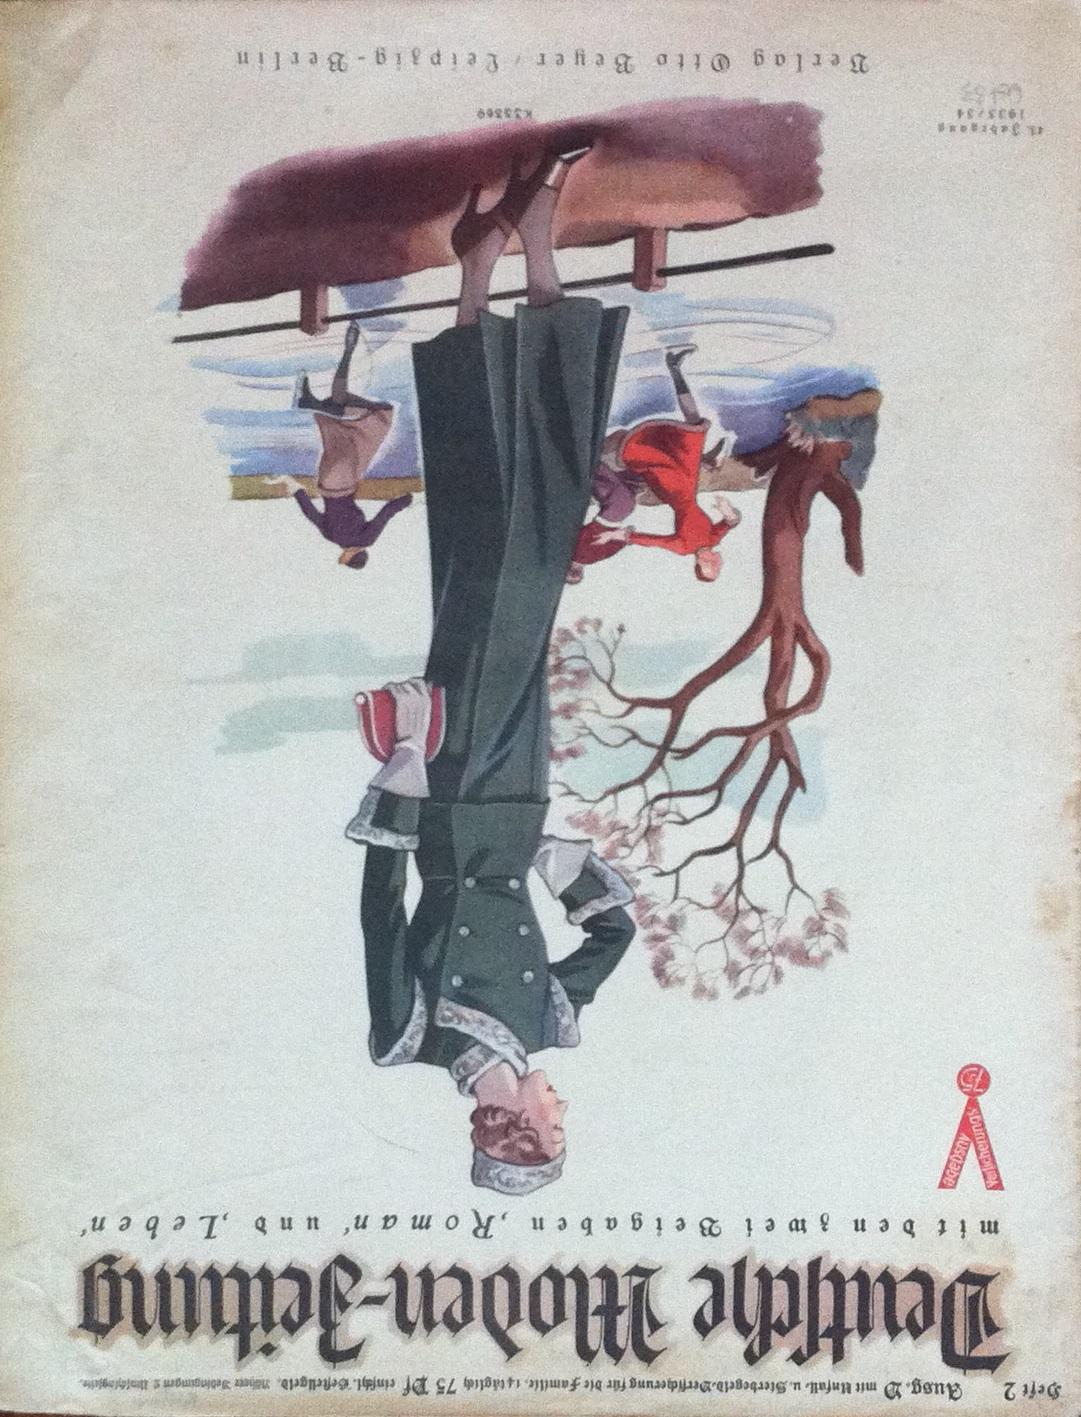 Deutsche Moden-Zeitung No. 2 Vol. 43 1933/34